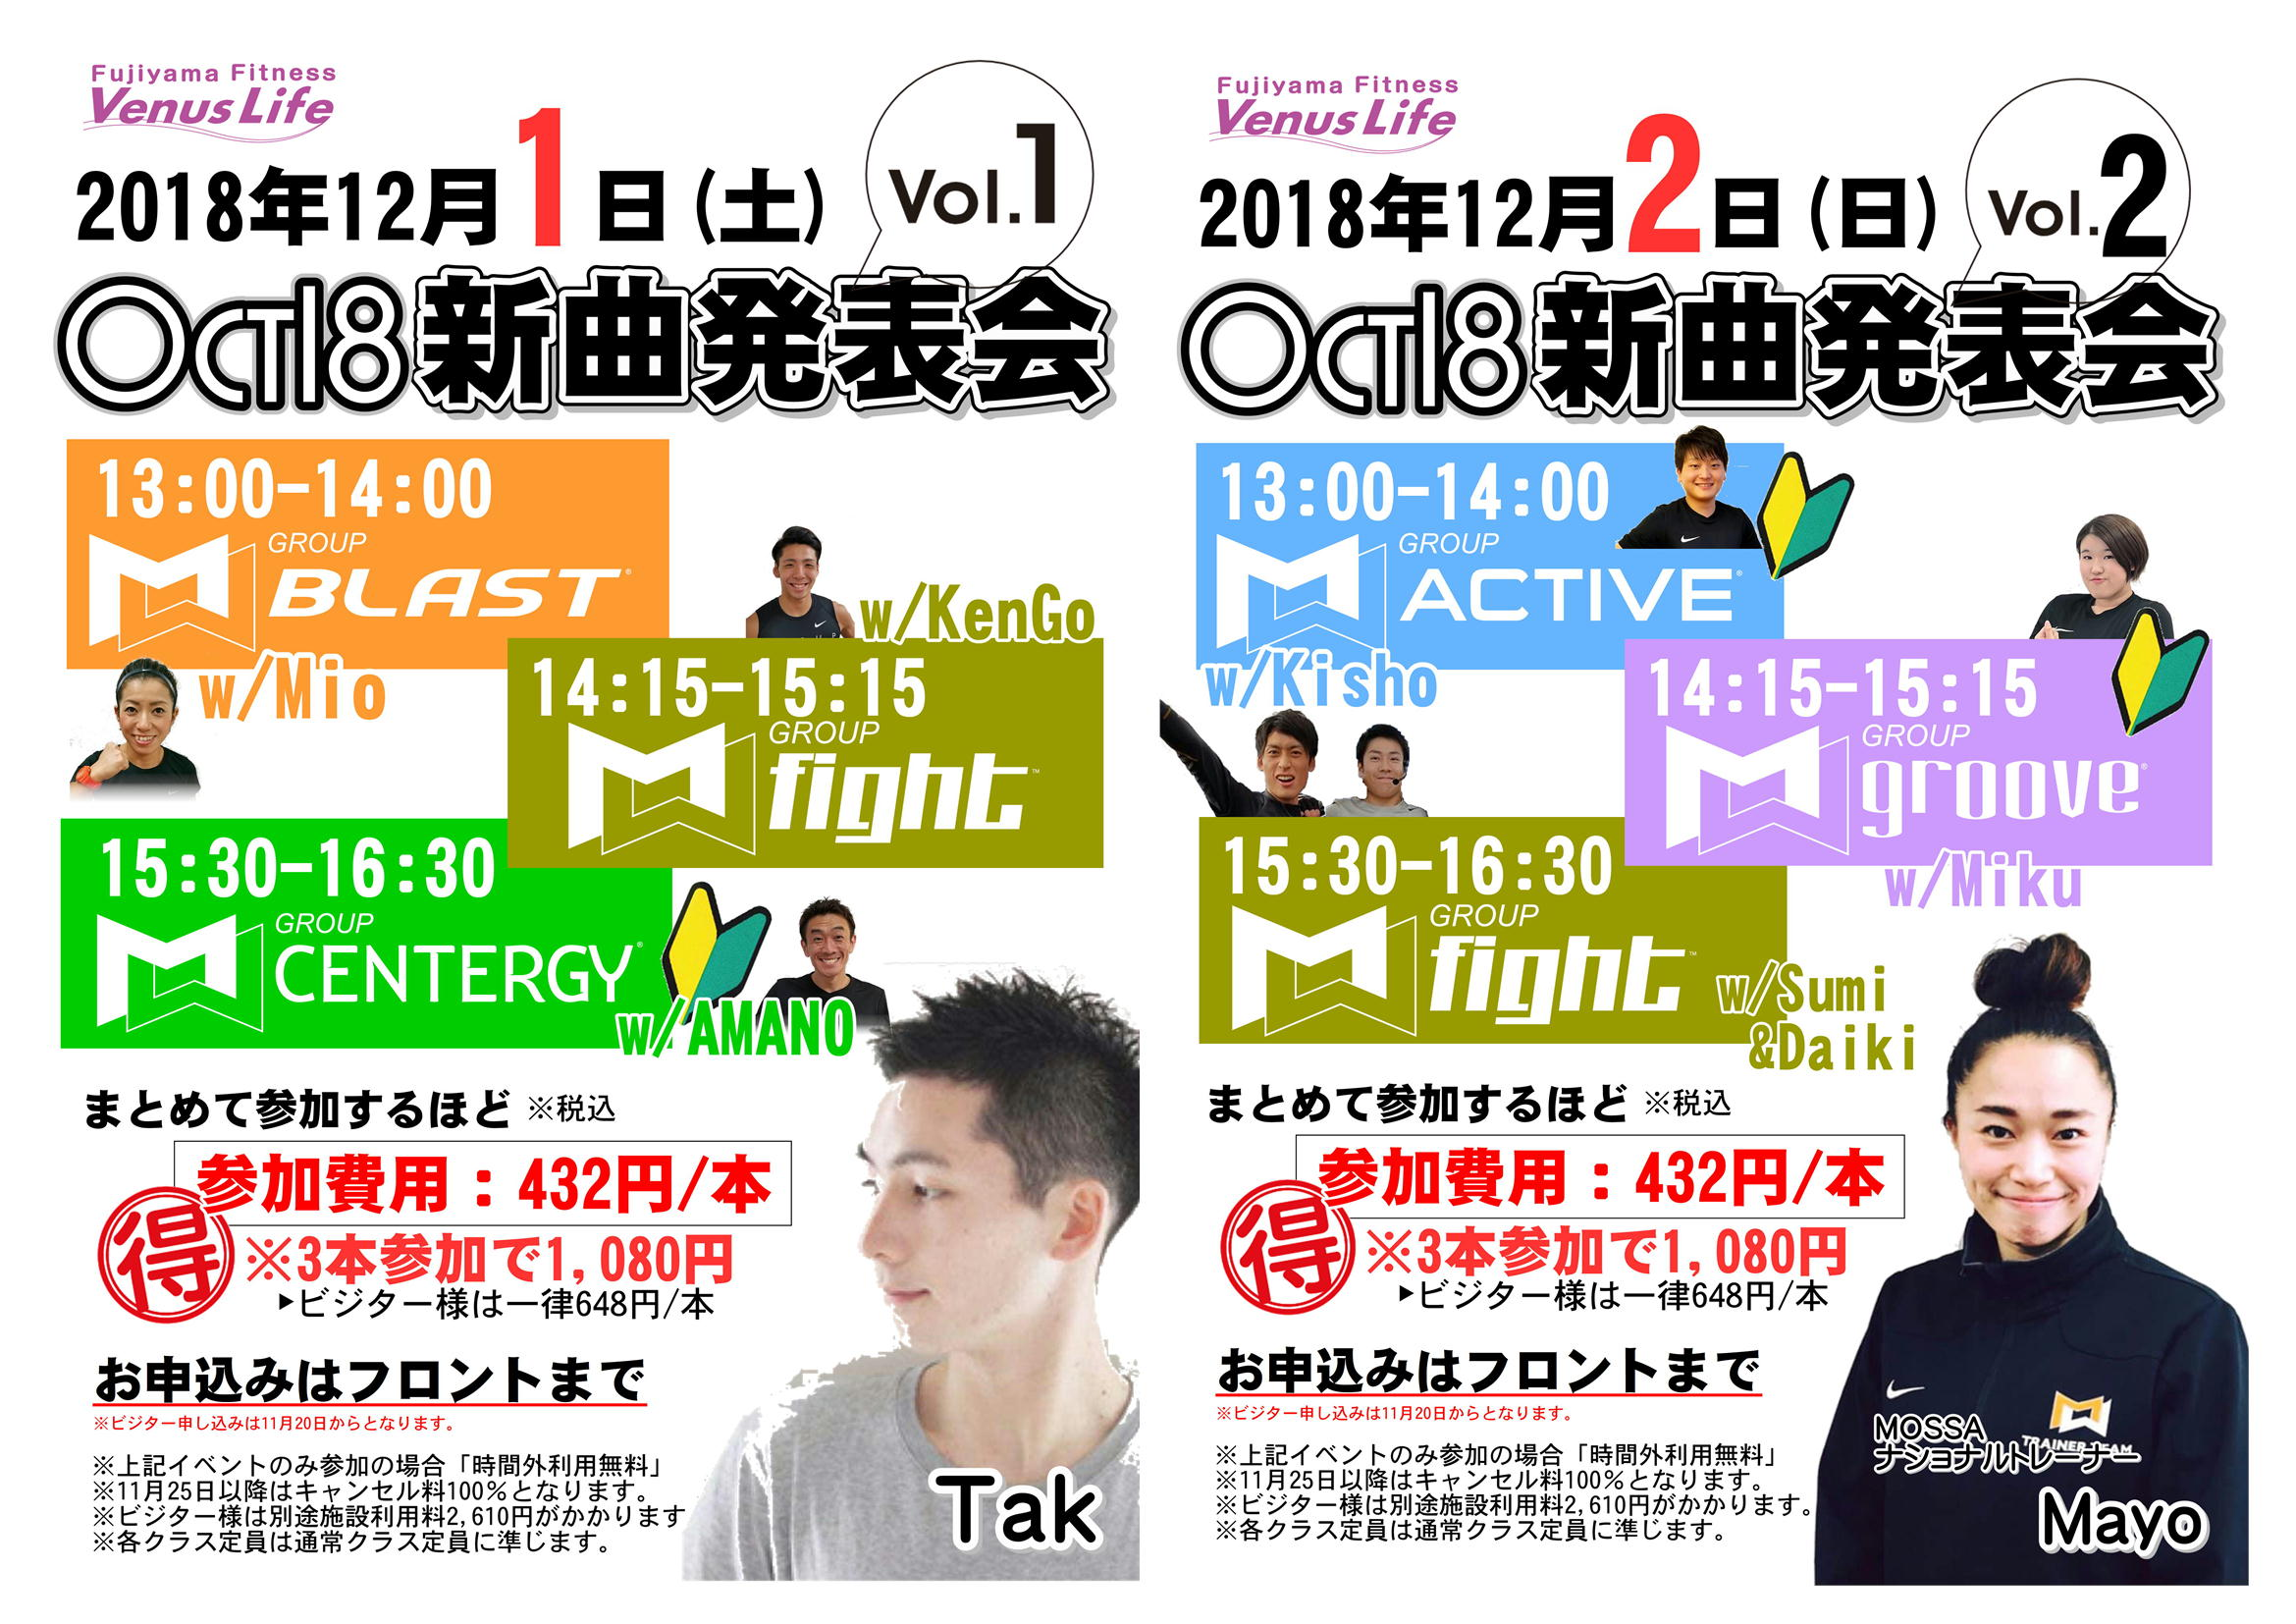 ヴィーナスライフ Oct18新曲発表会